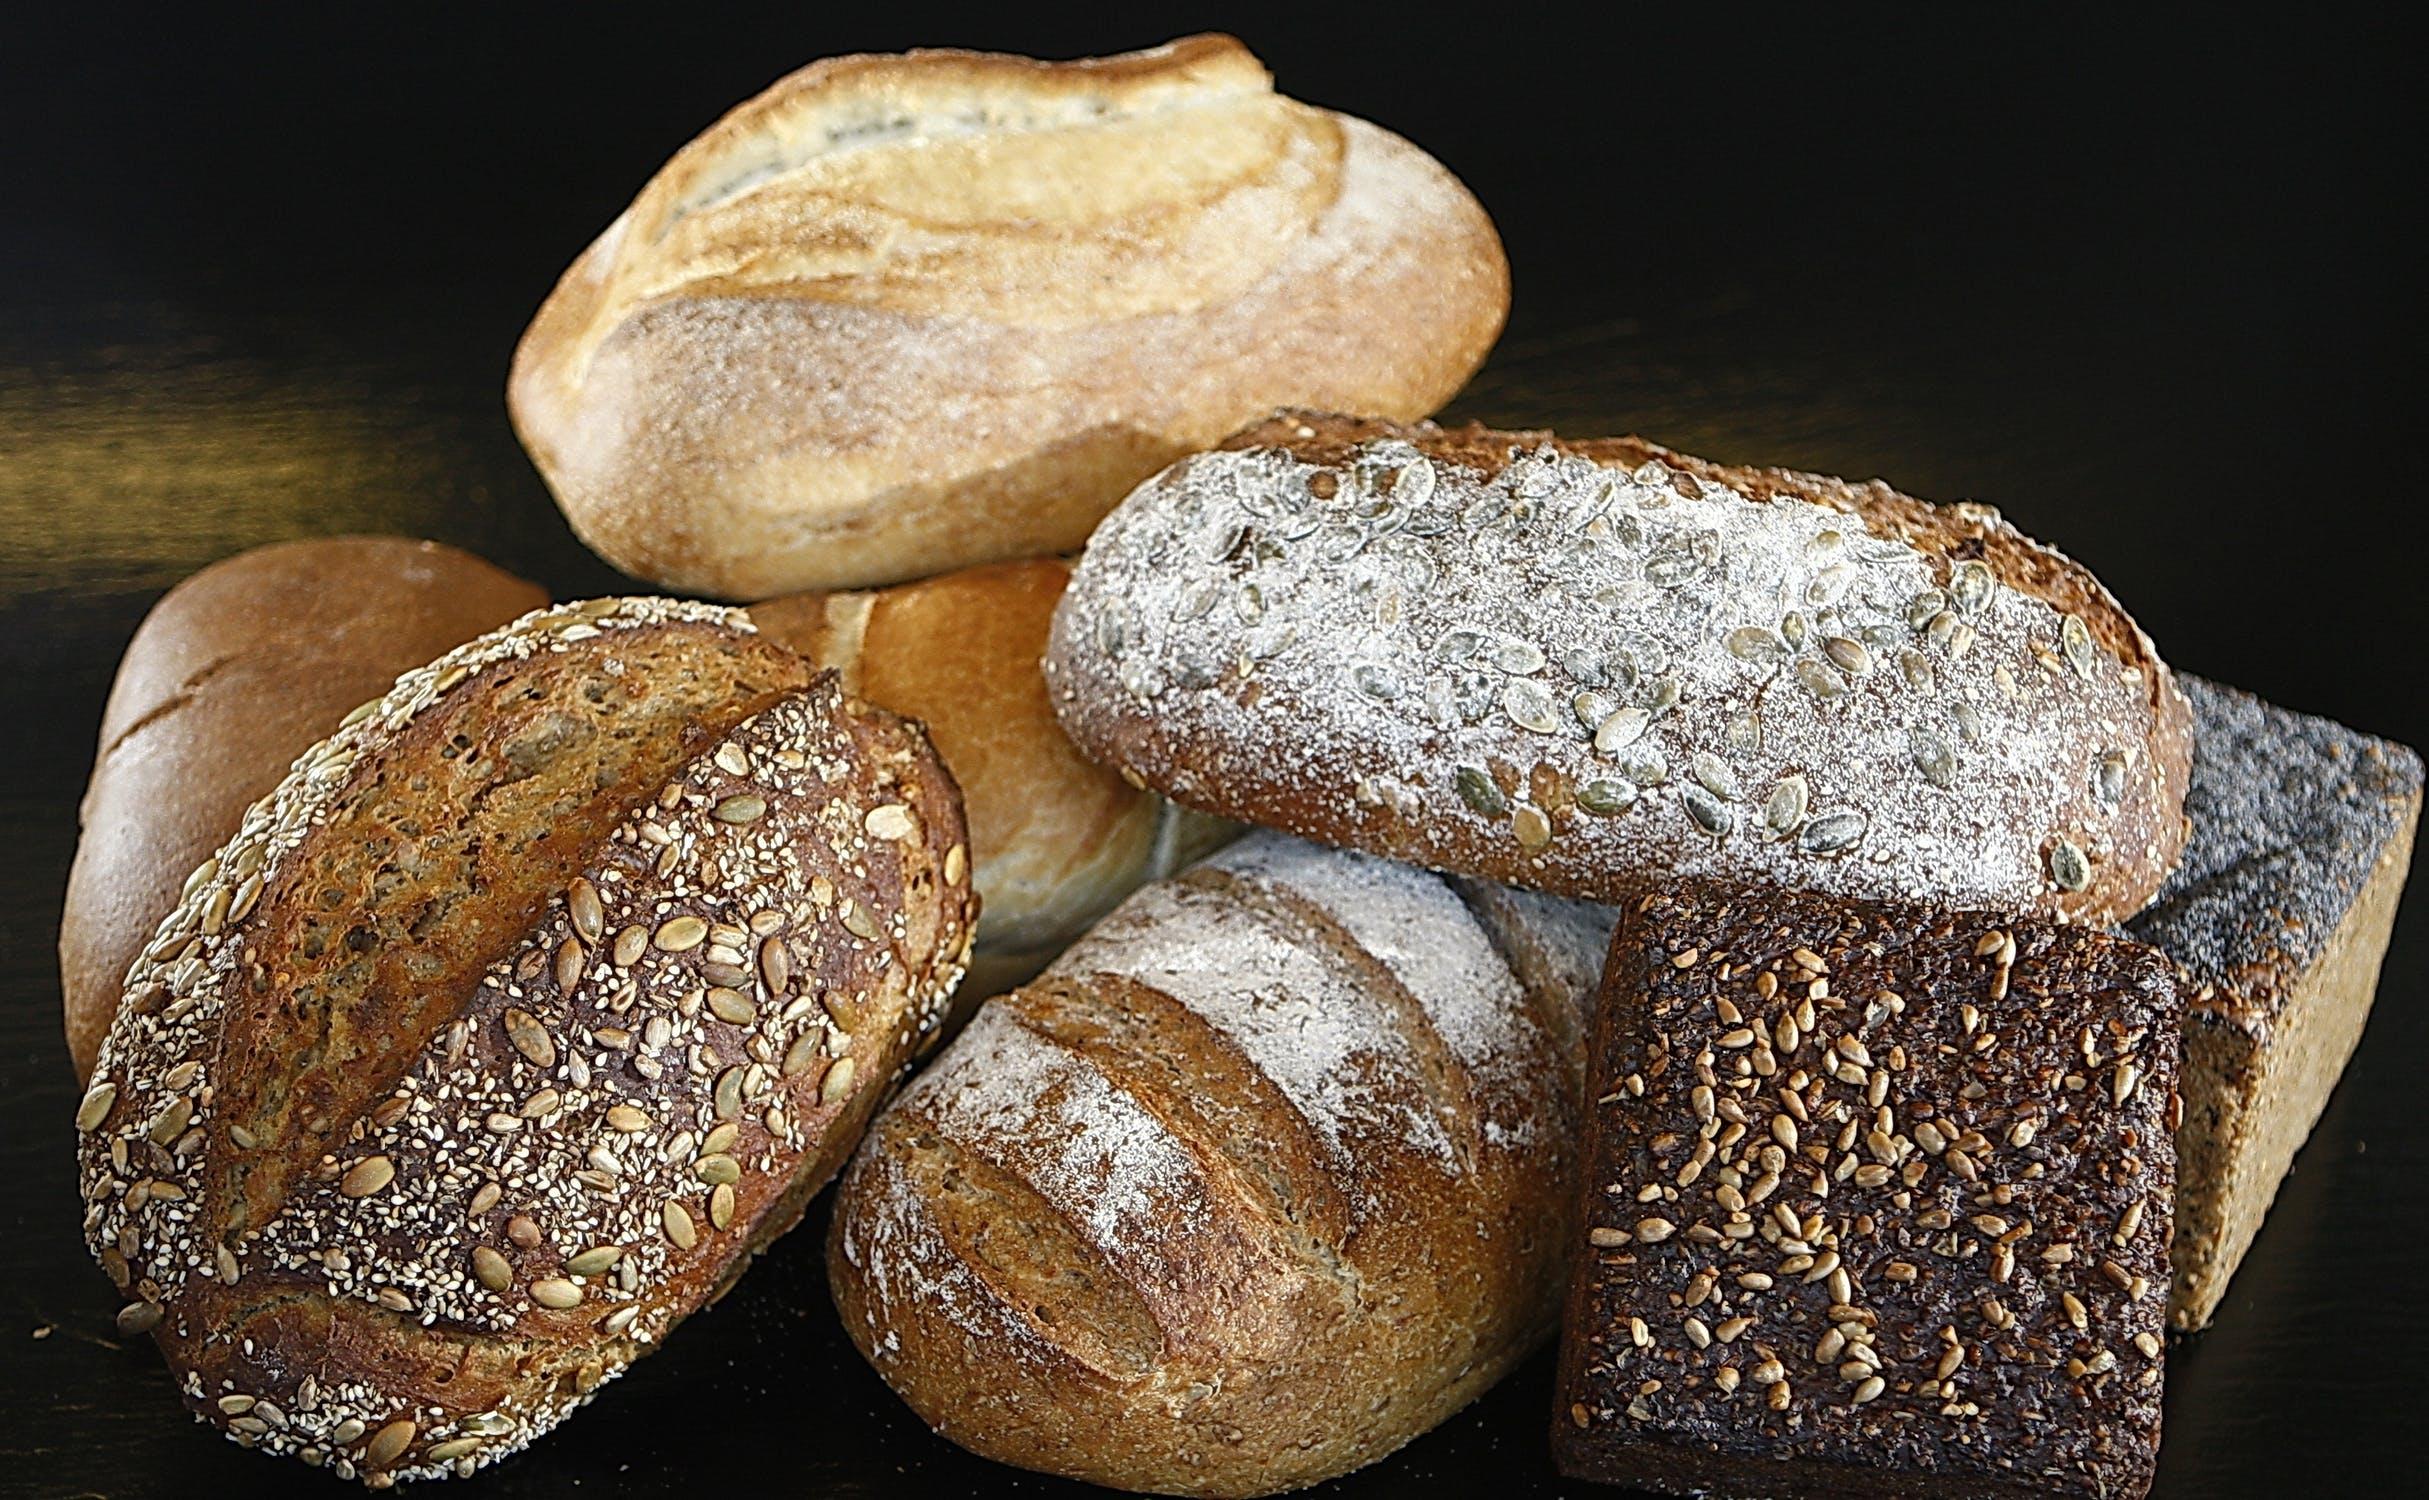 beste koop broodbakmachine 2020